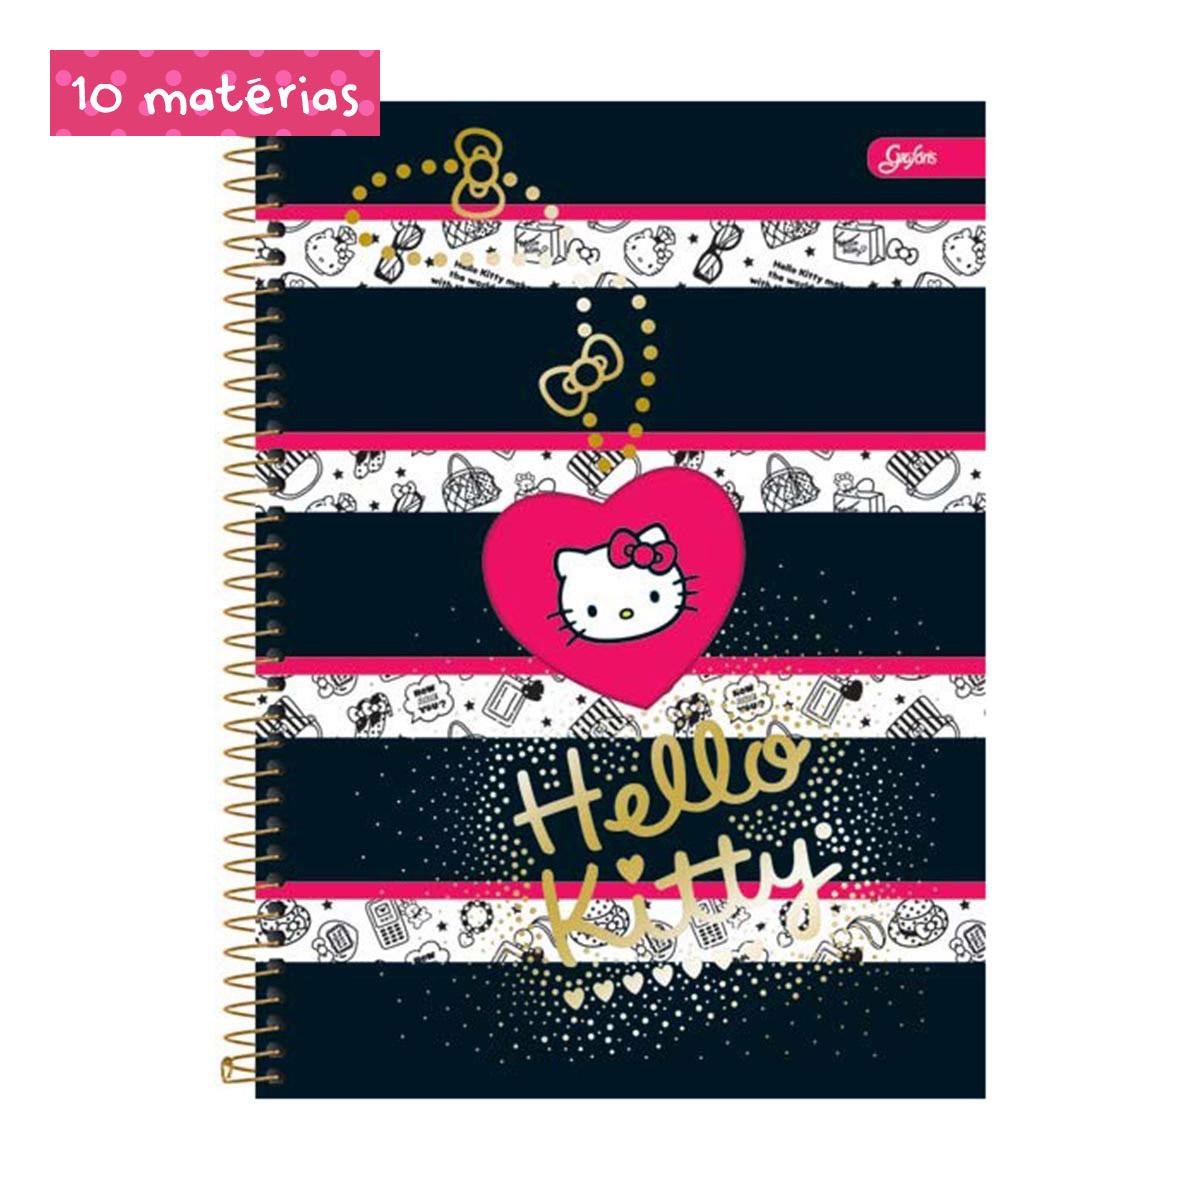 Caderno Hello Kitty Fashion Book 10 Matérias